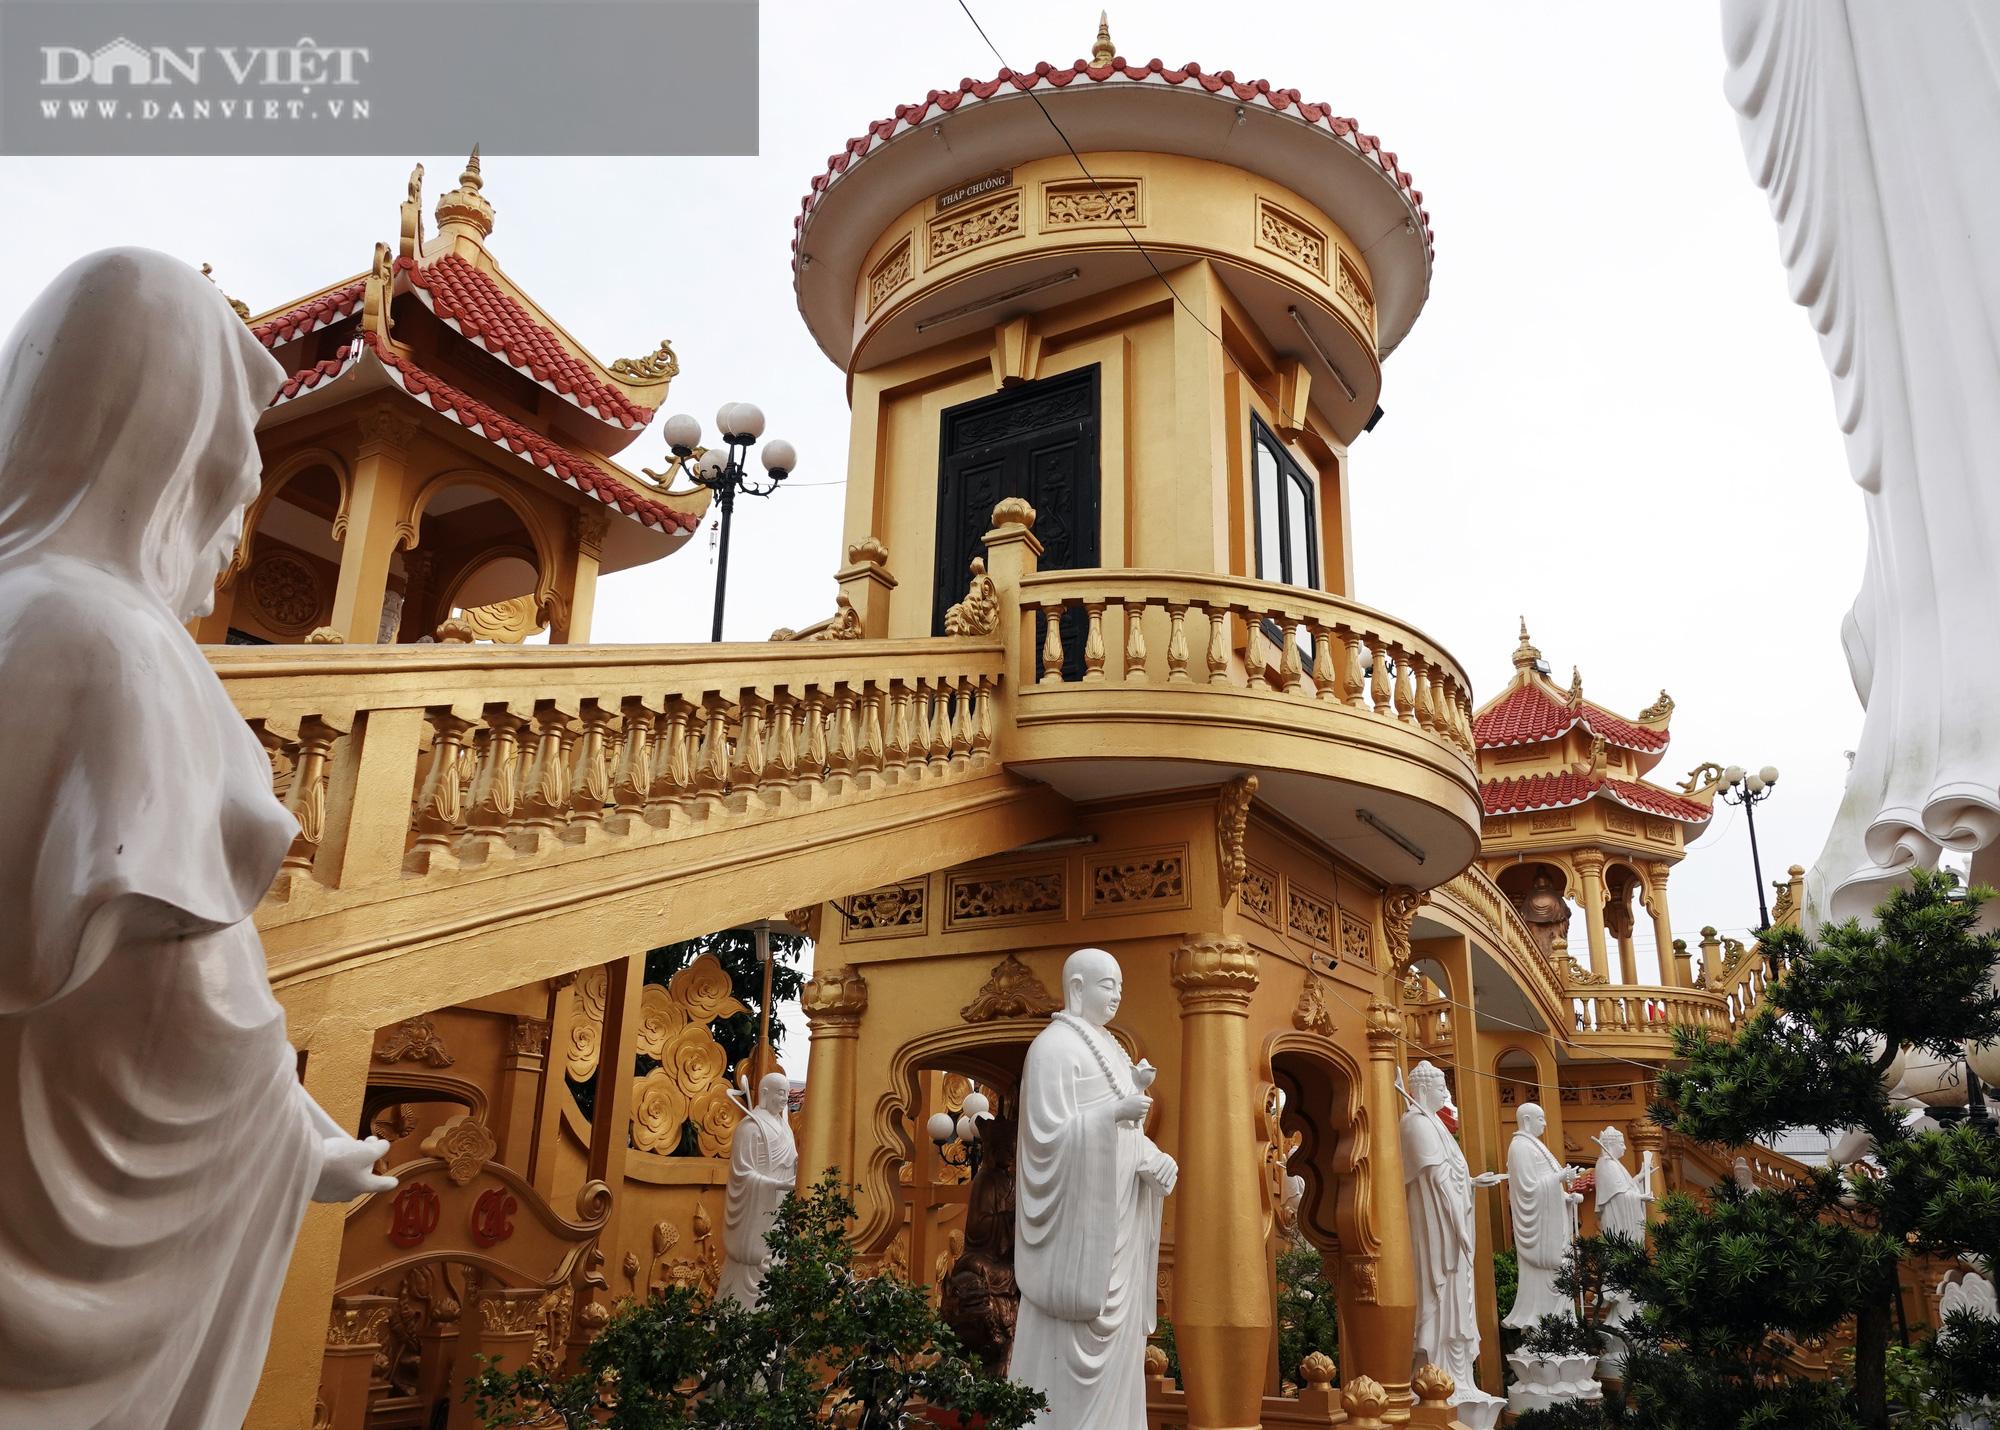 Ngôi chùa ở Cù Lao Giêng với quần thể tượng Phật đạt kỷ lục Việt Nam có gì đặc biệt? - Ảnh 10.